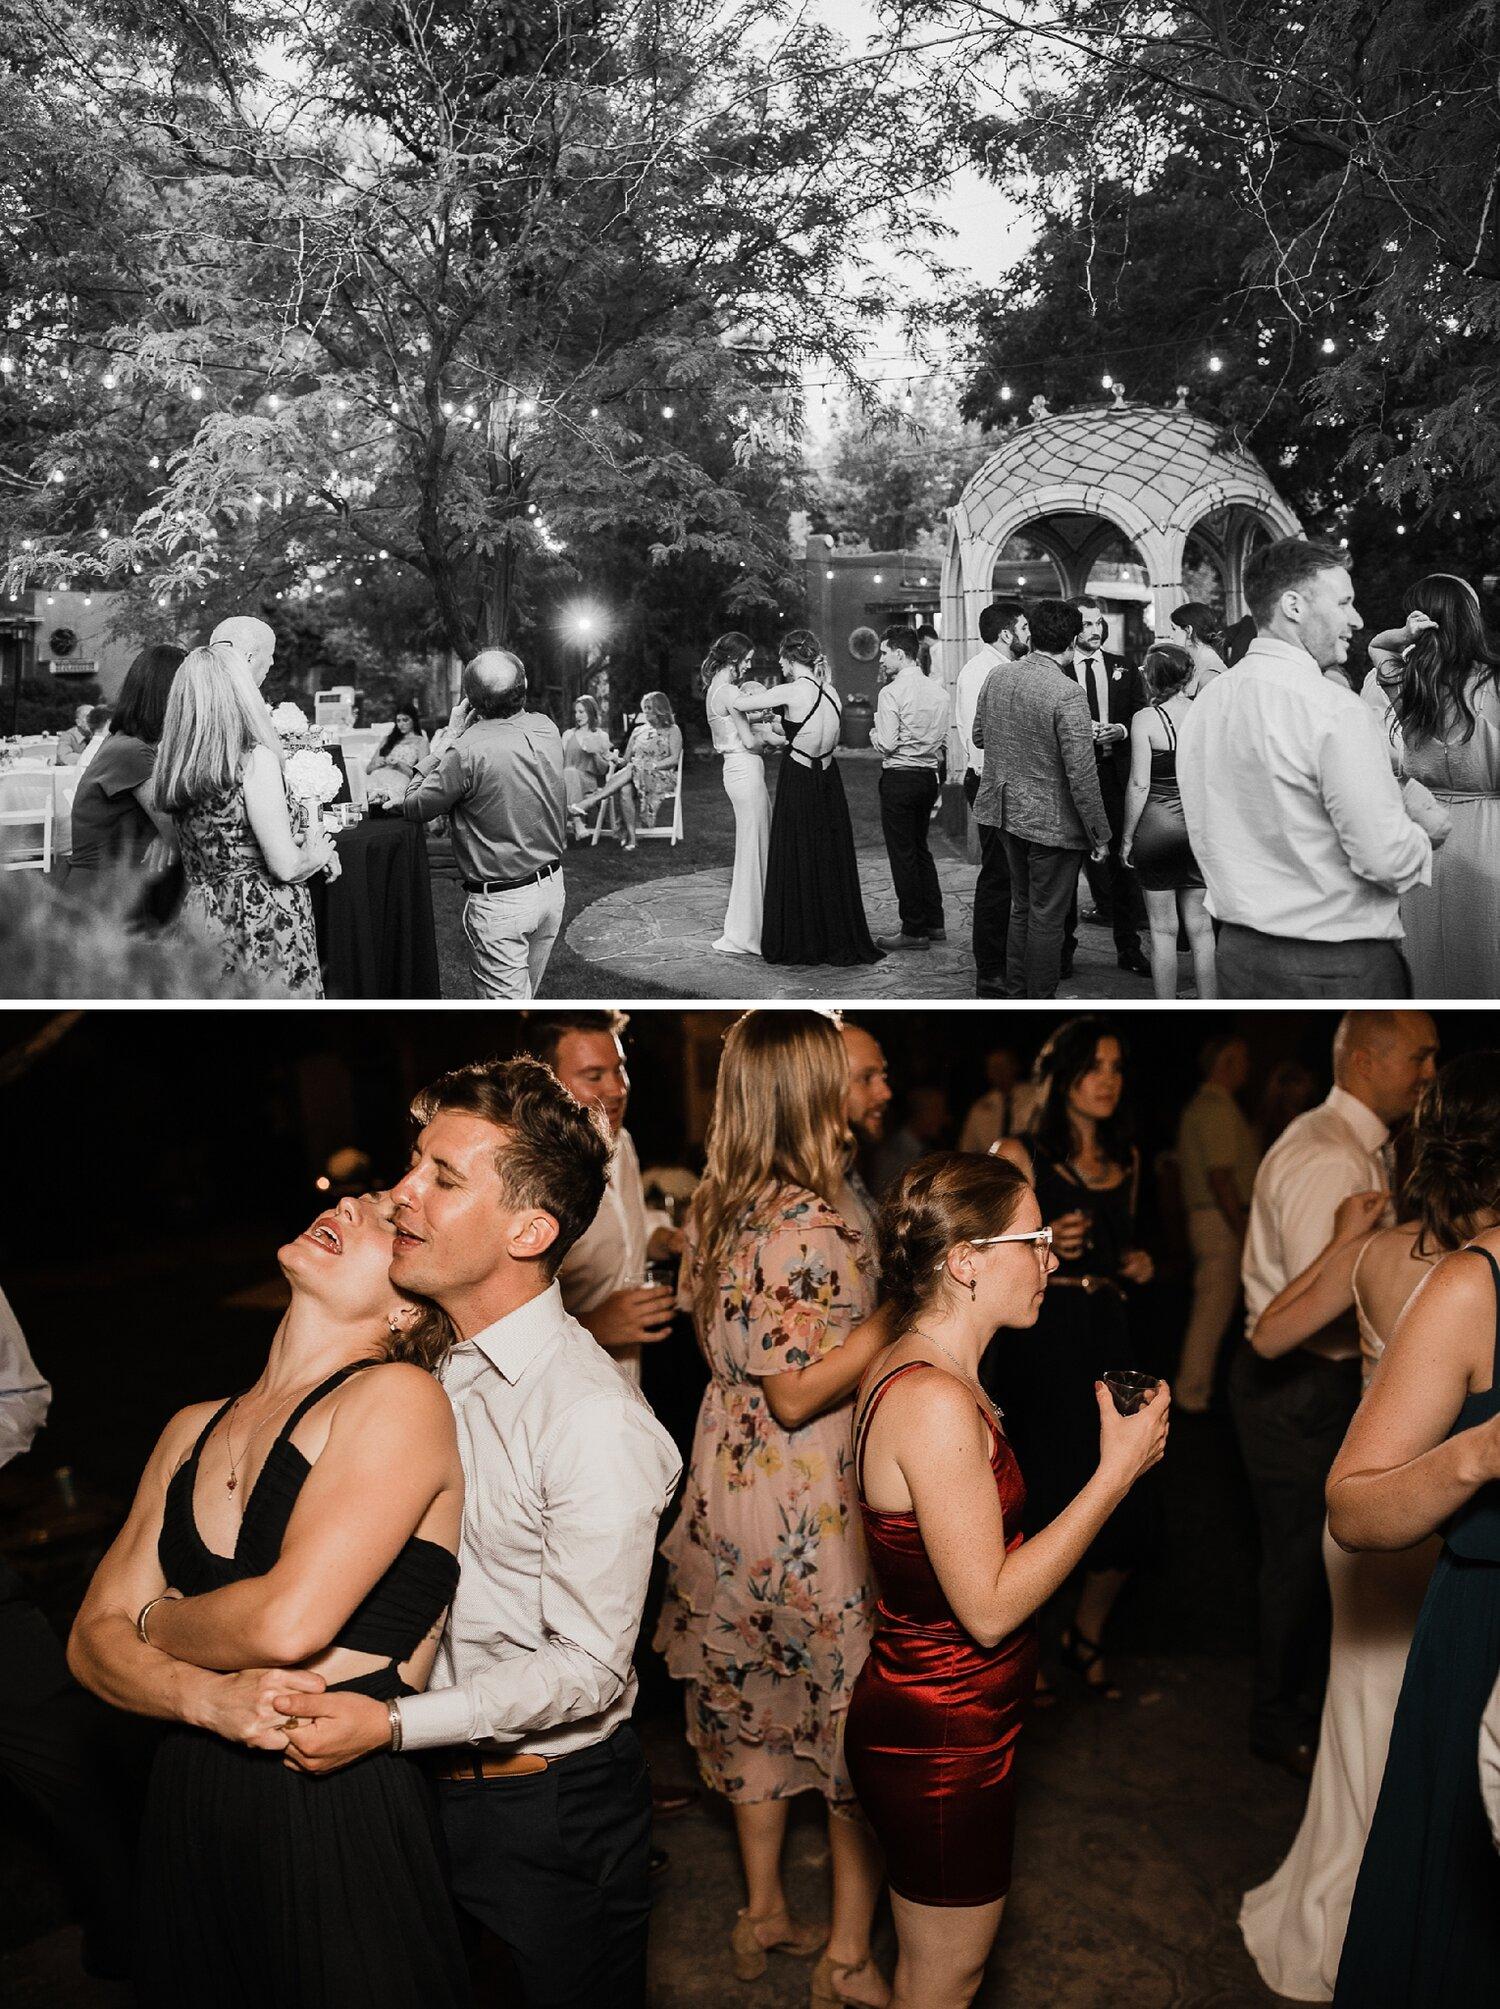 Alicia+lucia+photography+-+albuquerque+wedding+photographer+-+santa+fe+wedding+photography+-+new+mexico+wedding+photographer+-+new+mexico+wedding+-+old+town+wedding+-+casa+de+suenos+wedding+-+hotel+albuquerque+wedding_0142.jpg